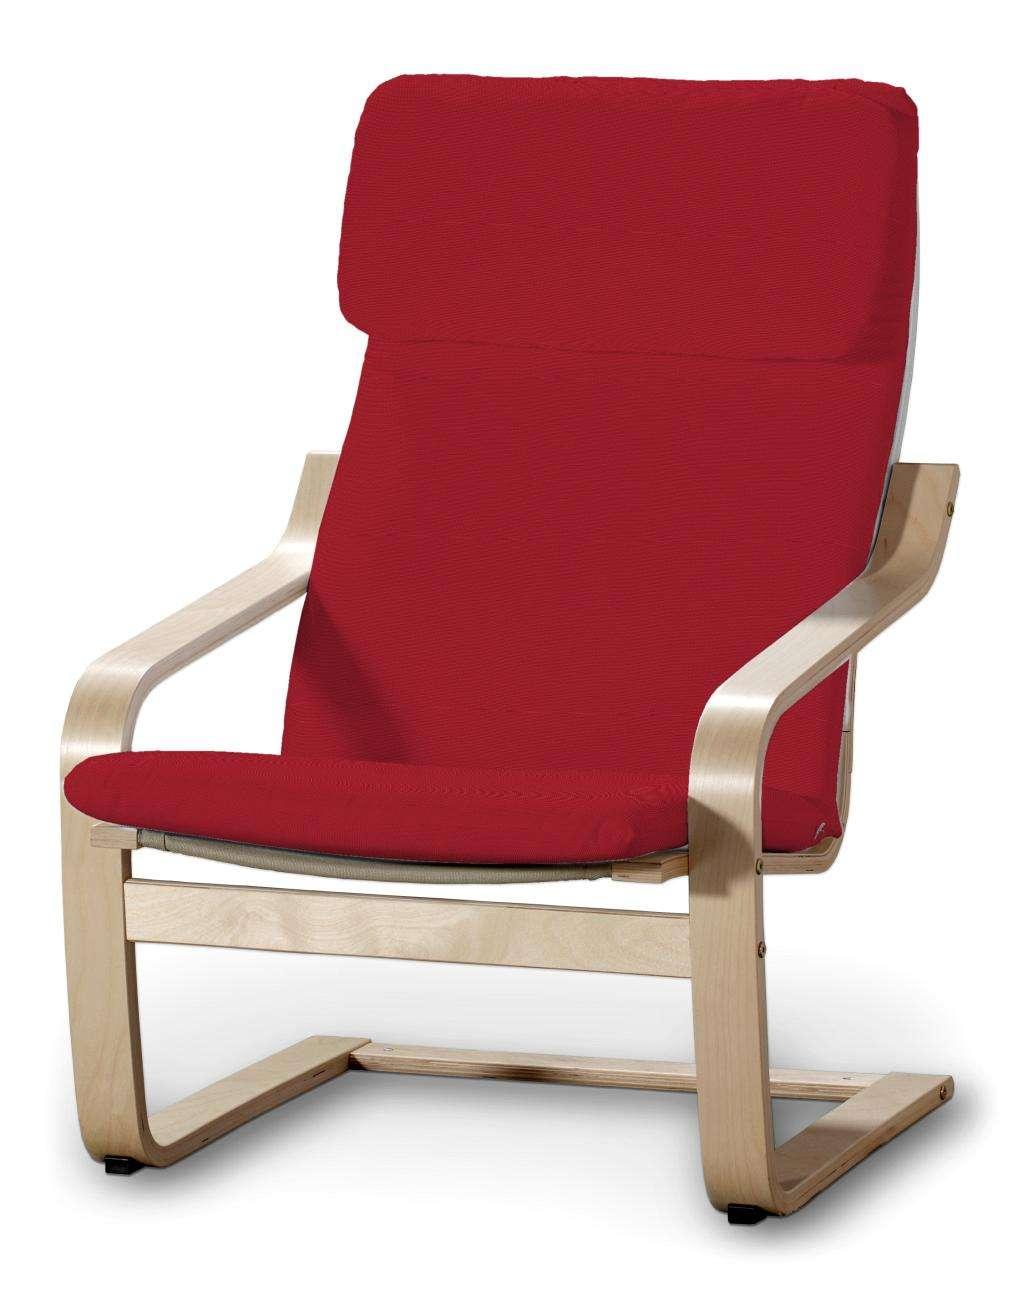 Poäng Sesselbezug I Sessel Poäng von der Kollektion Etna, Stoff: 705-60